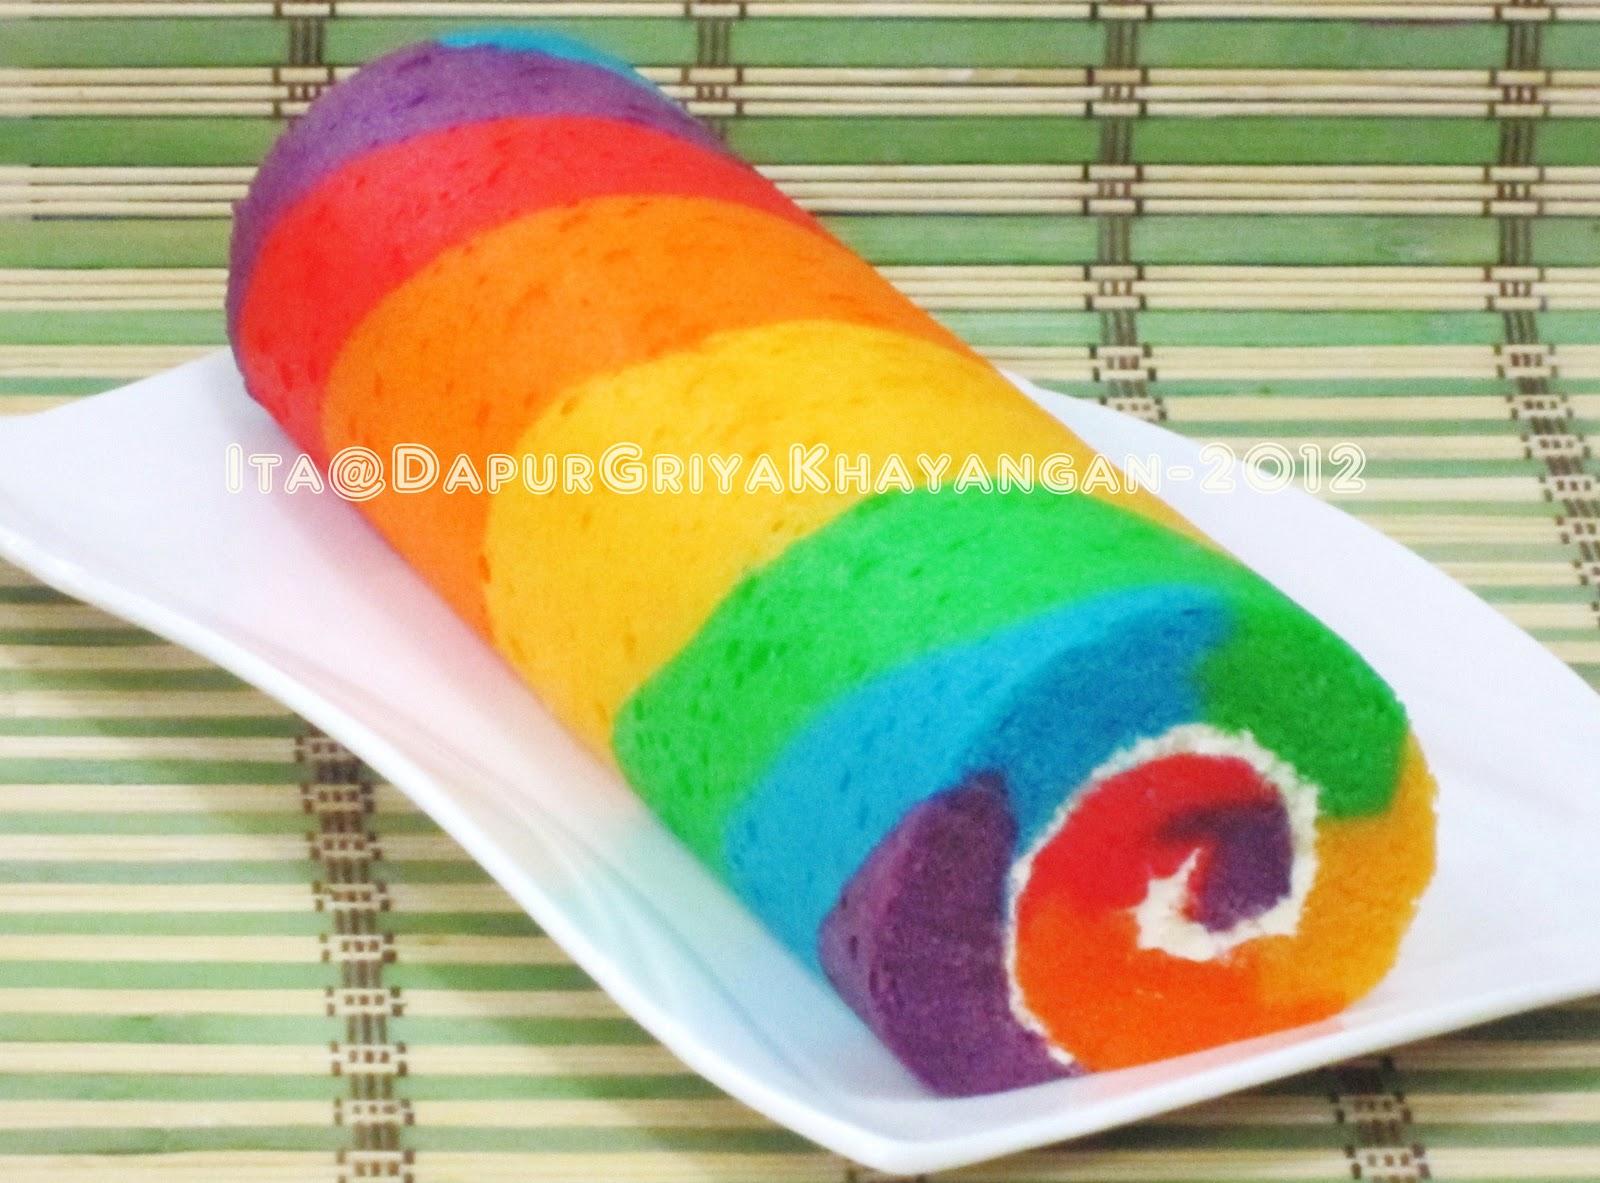 Resep Cake Kukus Hesti Kitchen: Dapur Griya Khayangan: Bolu Gulung Kukus Rainbow